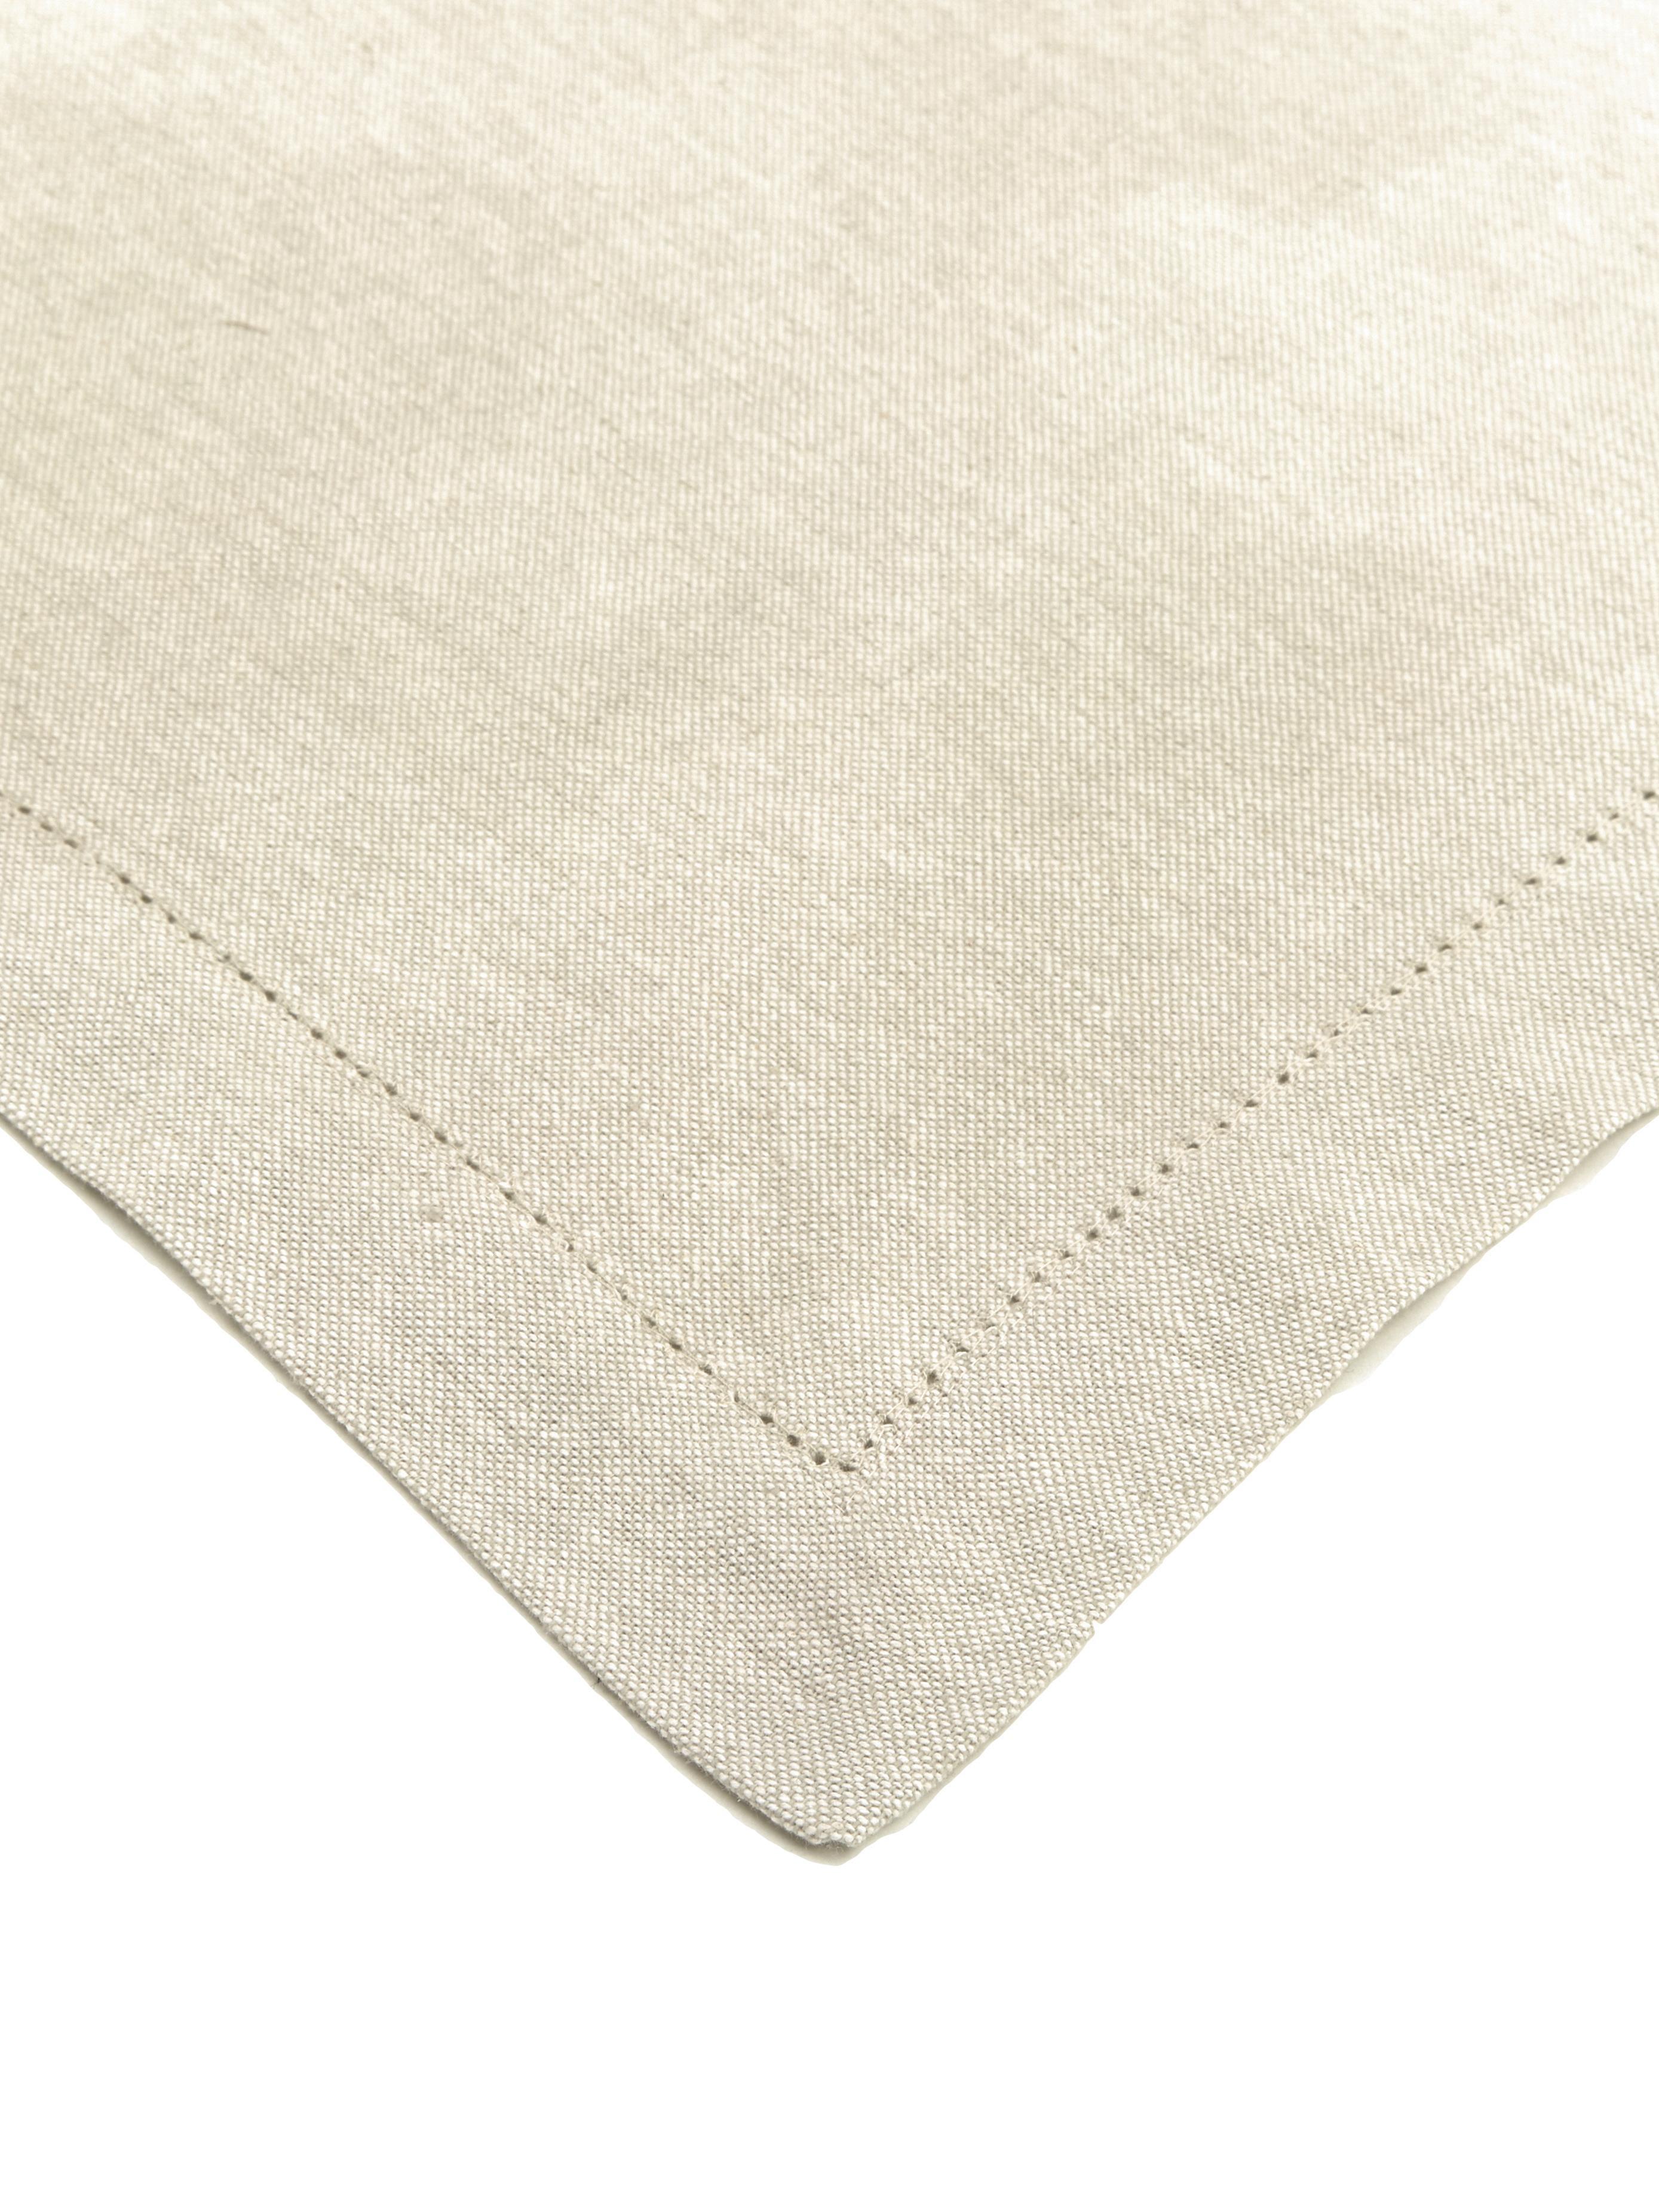 Tovaglia in cotone con ricamo Indi, Cotone, Crema, Per 6-8 persone  (Larg.140 x Lung. 250 cm)